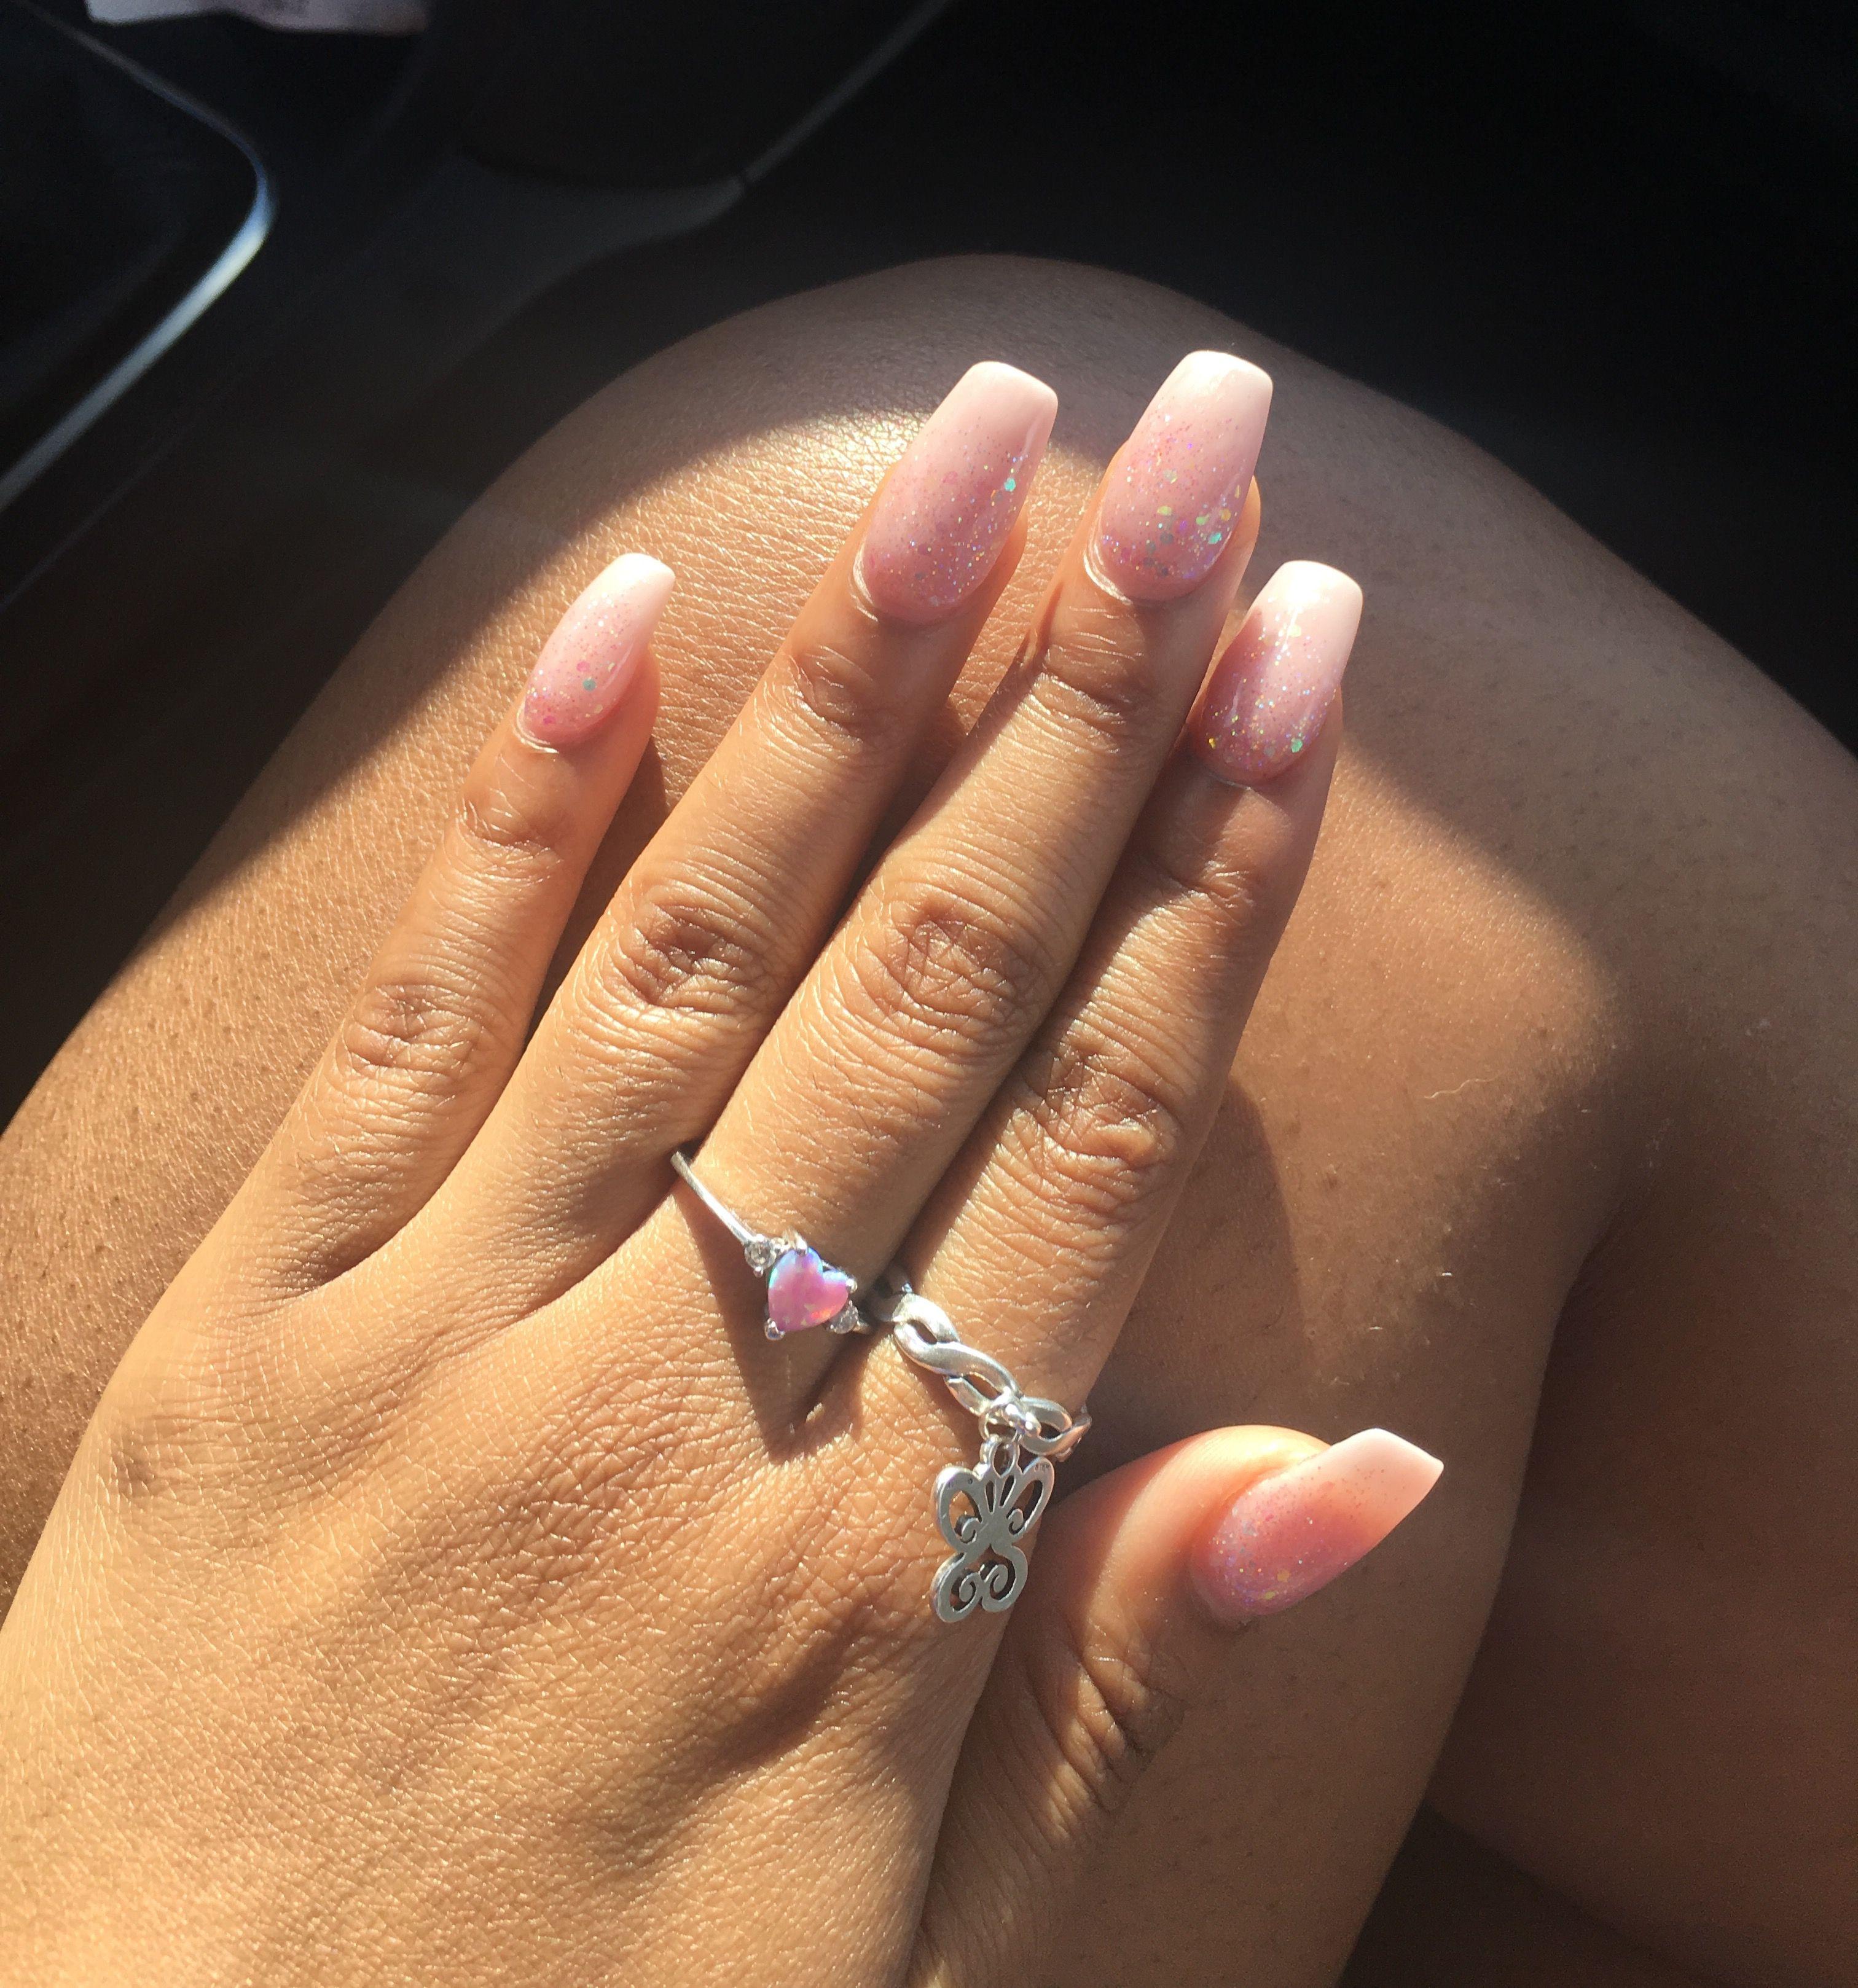 dip Powder glitter ombré nails #acrylic nails#nail art | nail art ...